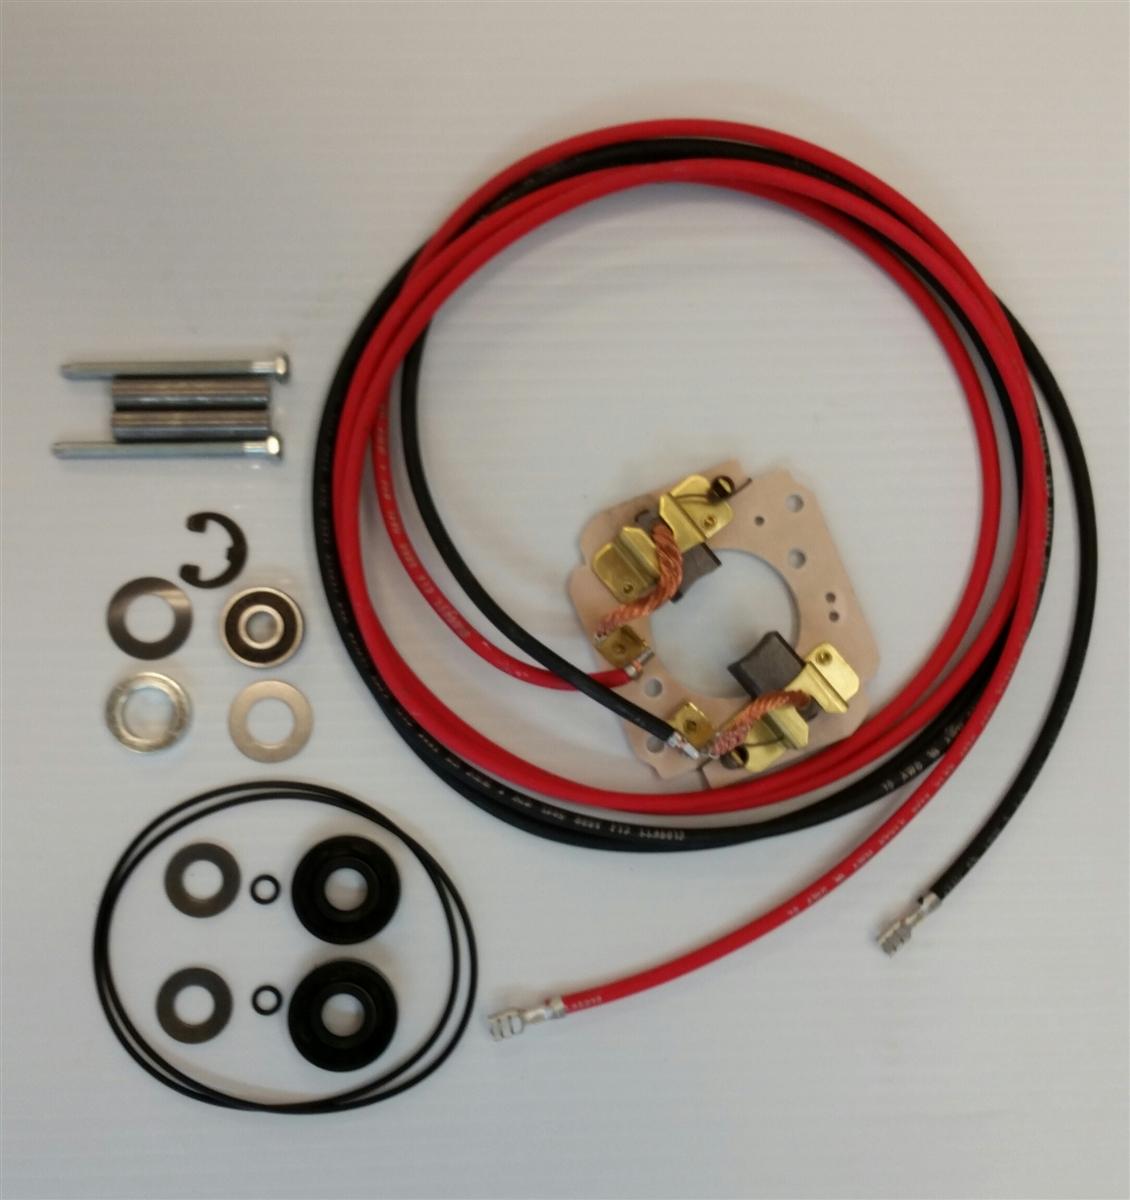 minn kota trolling motor wiring harness minn kota terrova 24 and 36 volt lower unit brush kit  minn kota terrova 24 and 36 volt lower